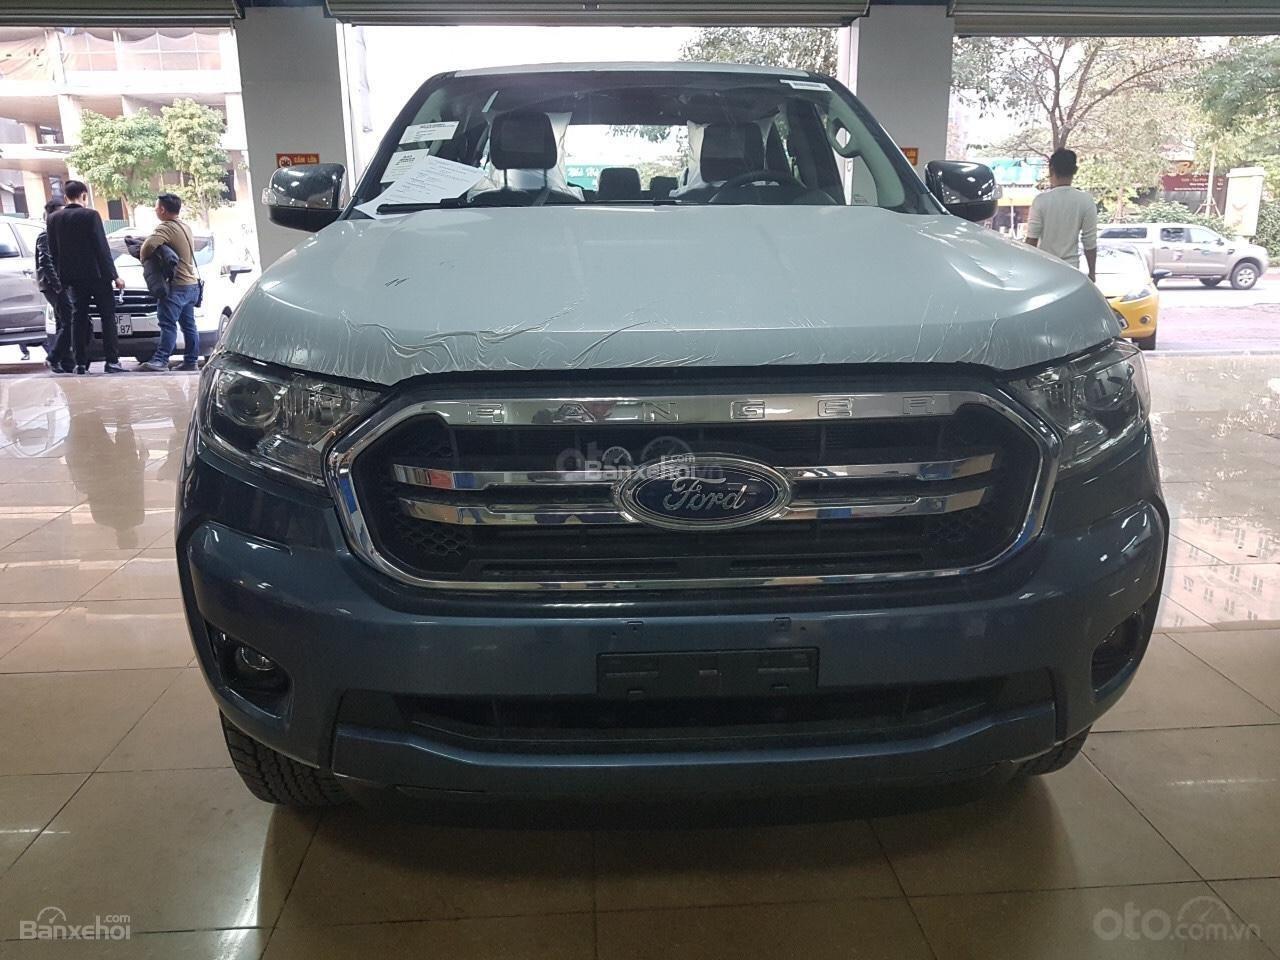 Hà Nam Ford bán các dòng bán tải Ford Ranger 2019, giá chỉ từ 580tr. LH 0974286009 (3)